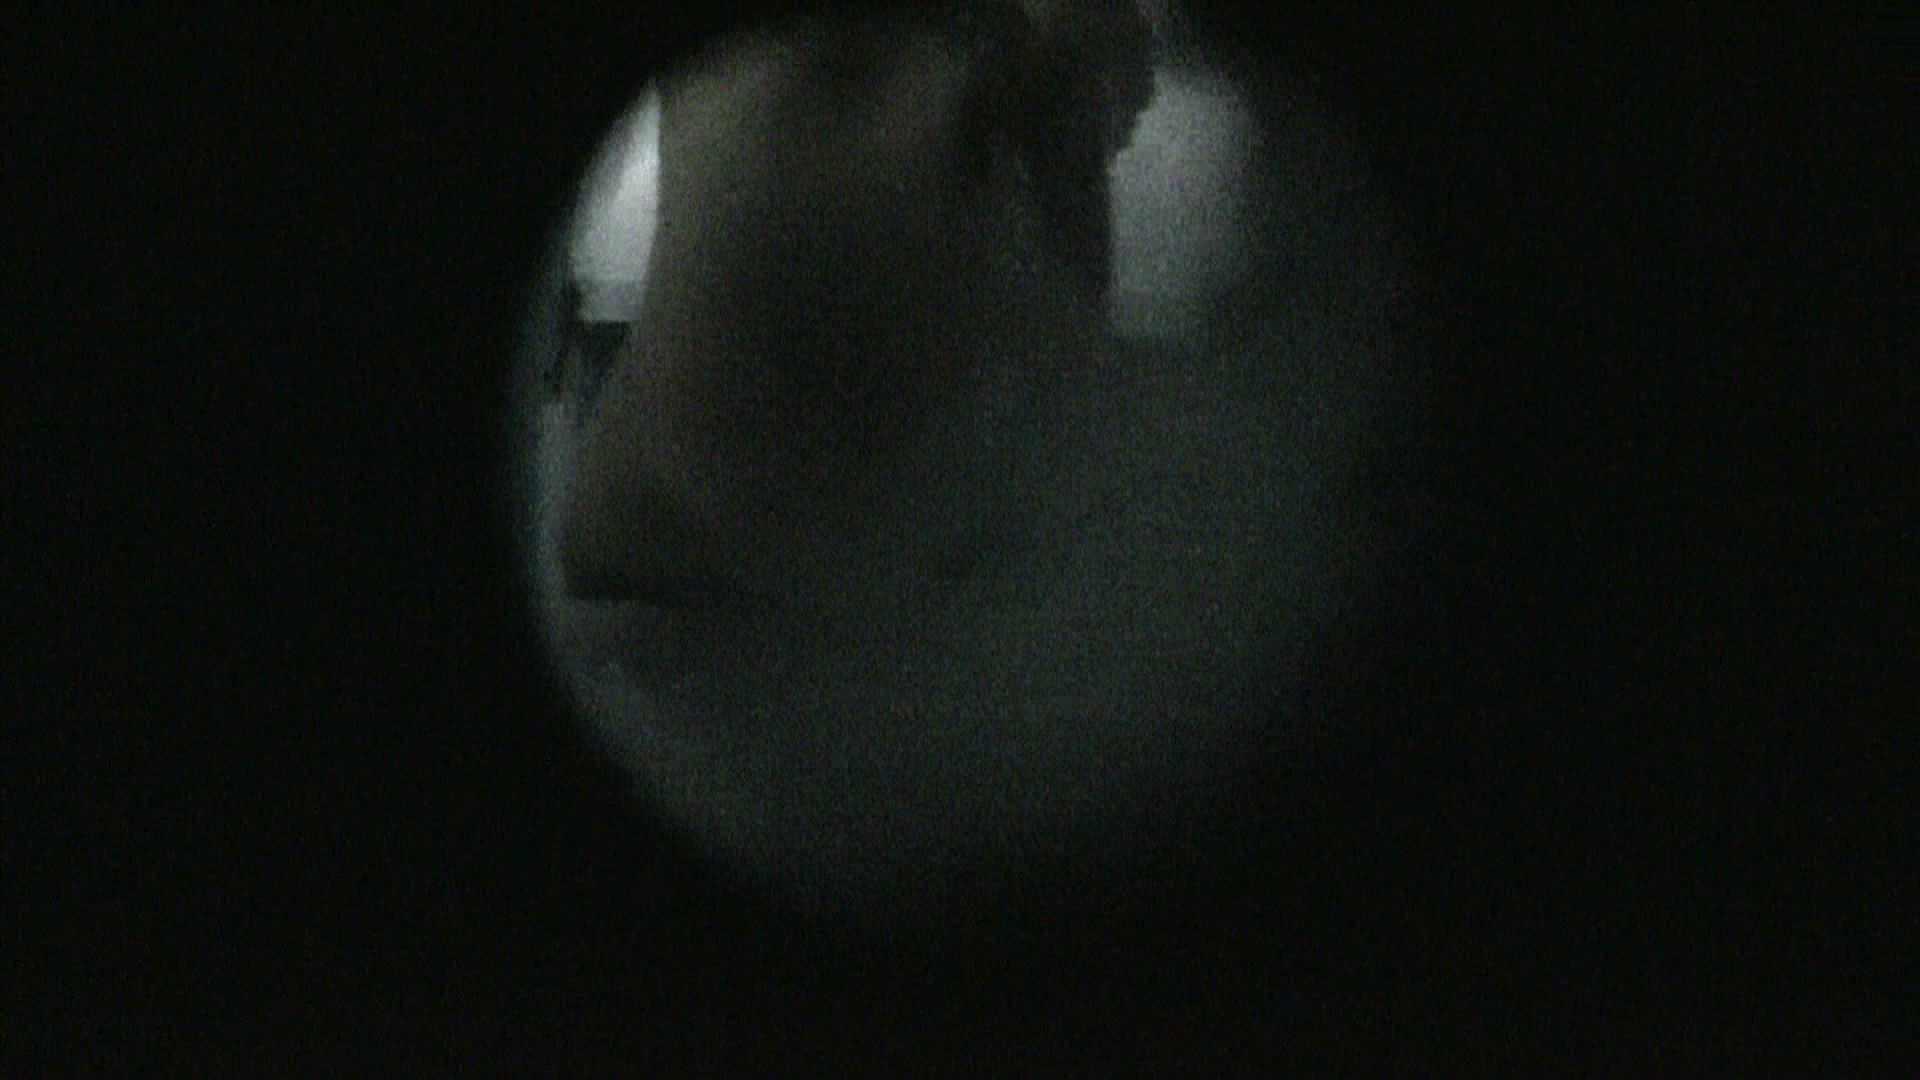 NO.13 暗いですが豪快な砂落としが好印象 シャワー室 セックス画像 107連発 5